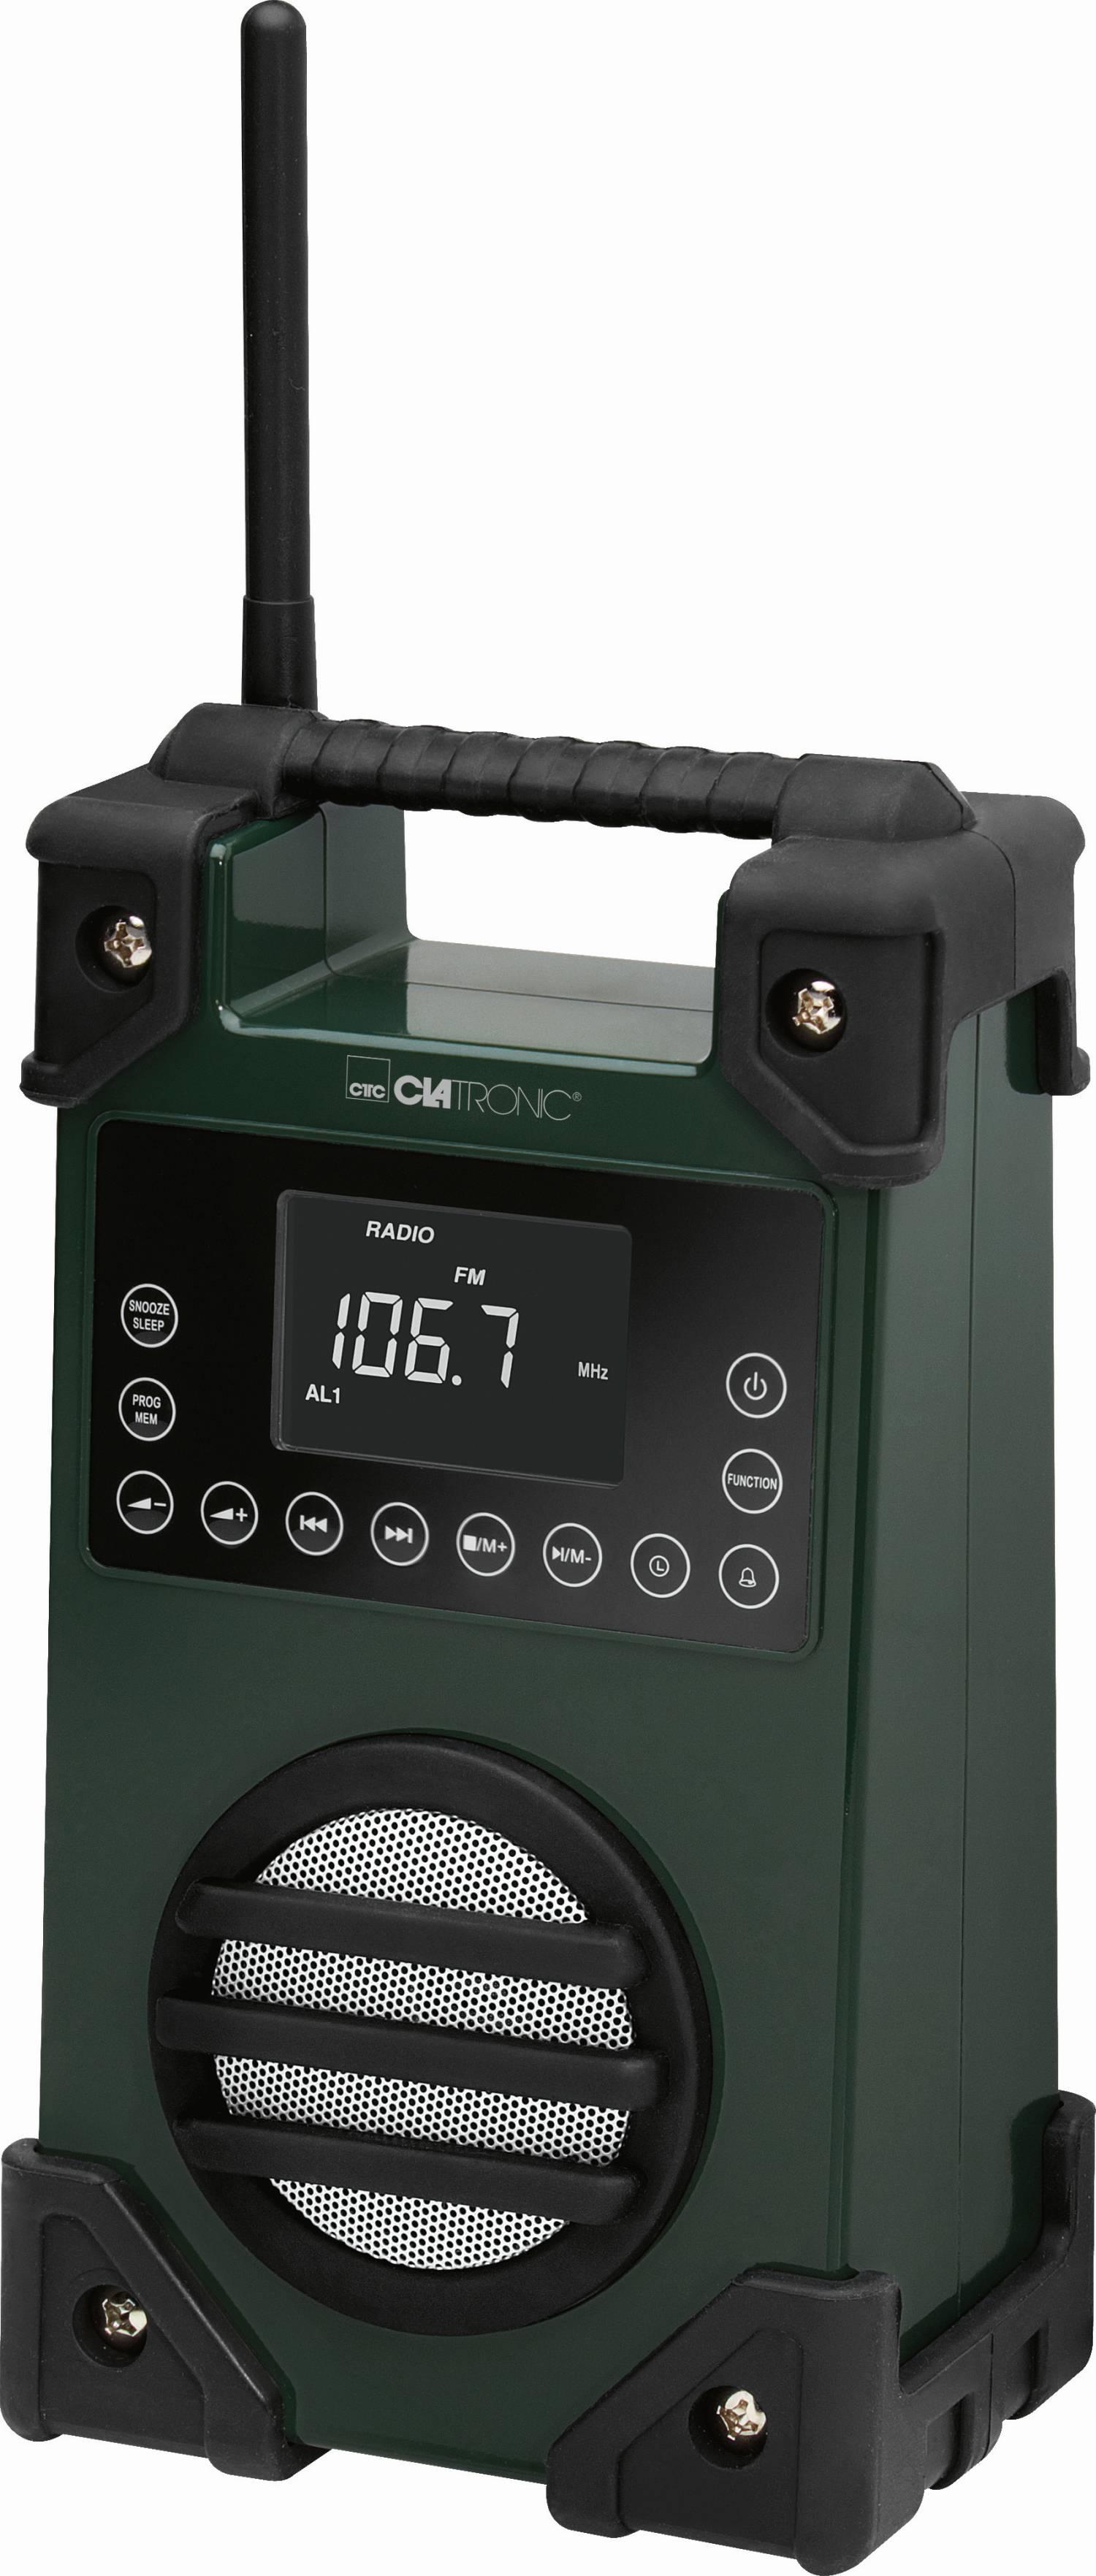 bundeswehr bw outdoor baustellen-radio werkstatt-radio mp3 usb oliv